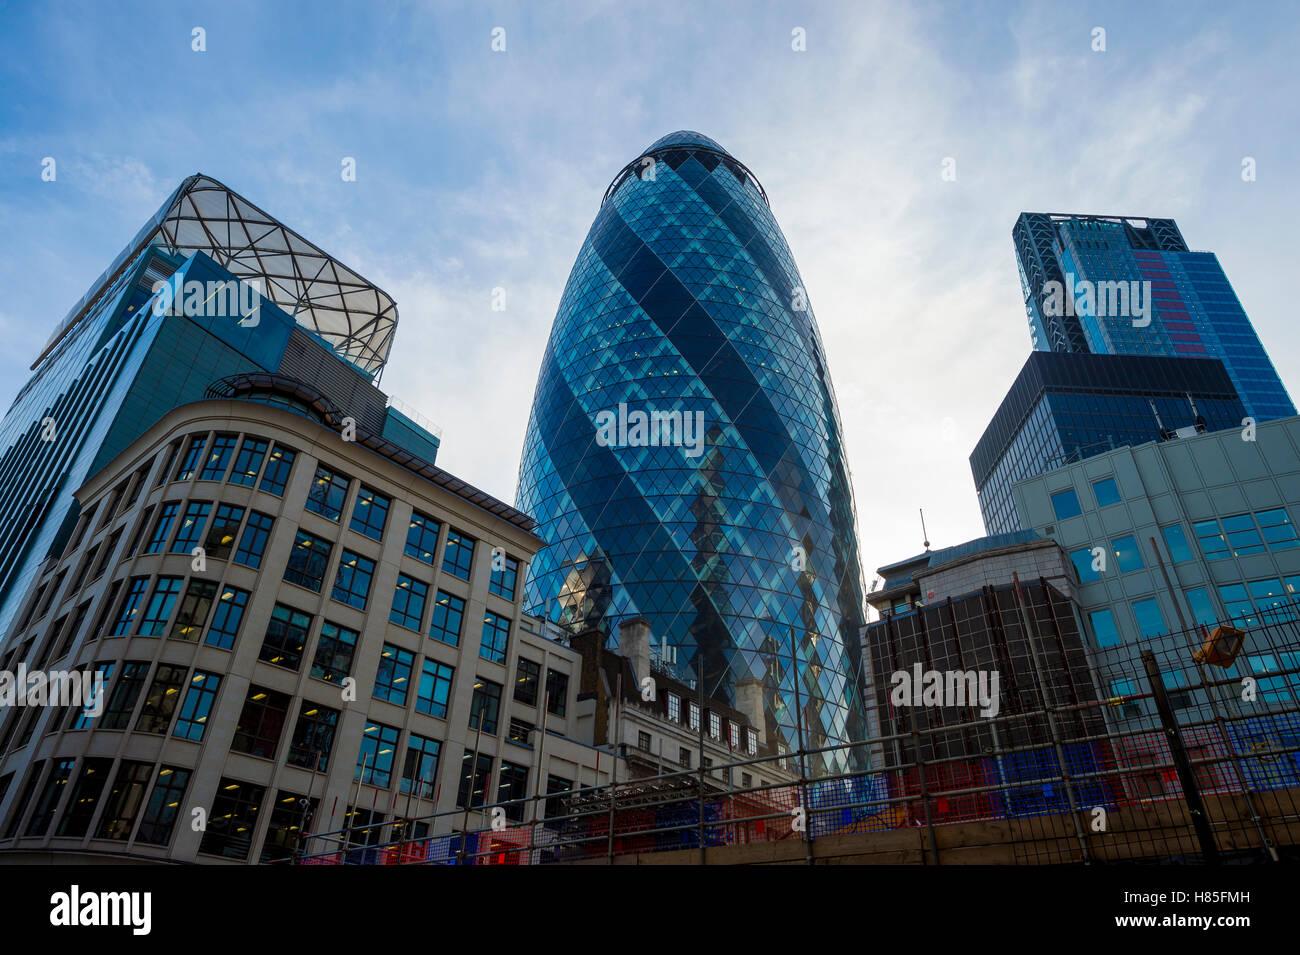 LONDON - 3. November 2016: Markante Form des Gebäudes Gherkin dominiert die Skyline der Stadt, während Stockbild